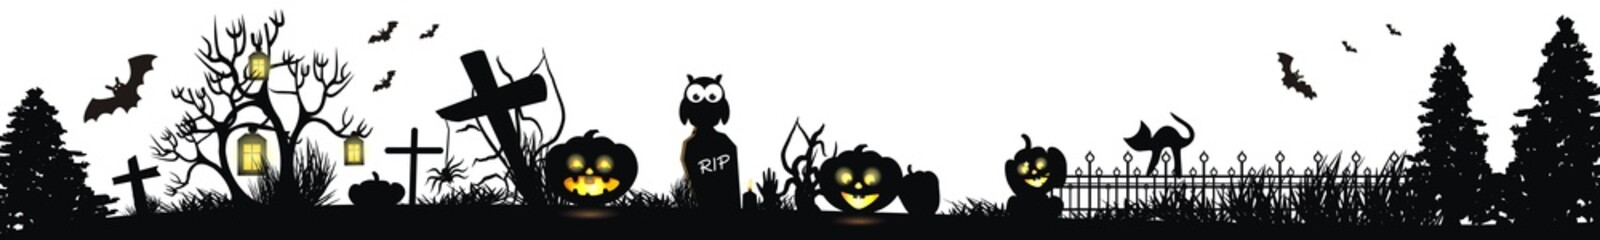 Happy Halloween Hintergrund in schwarz